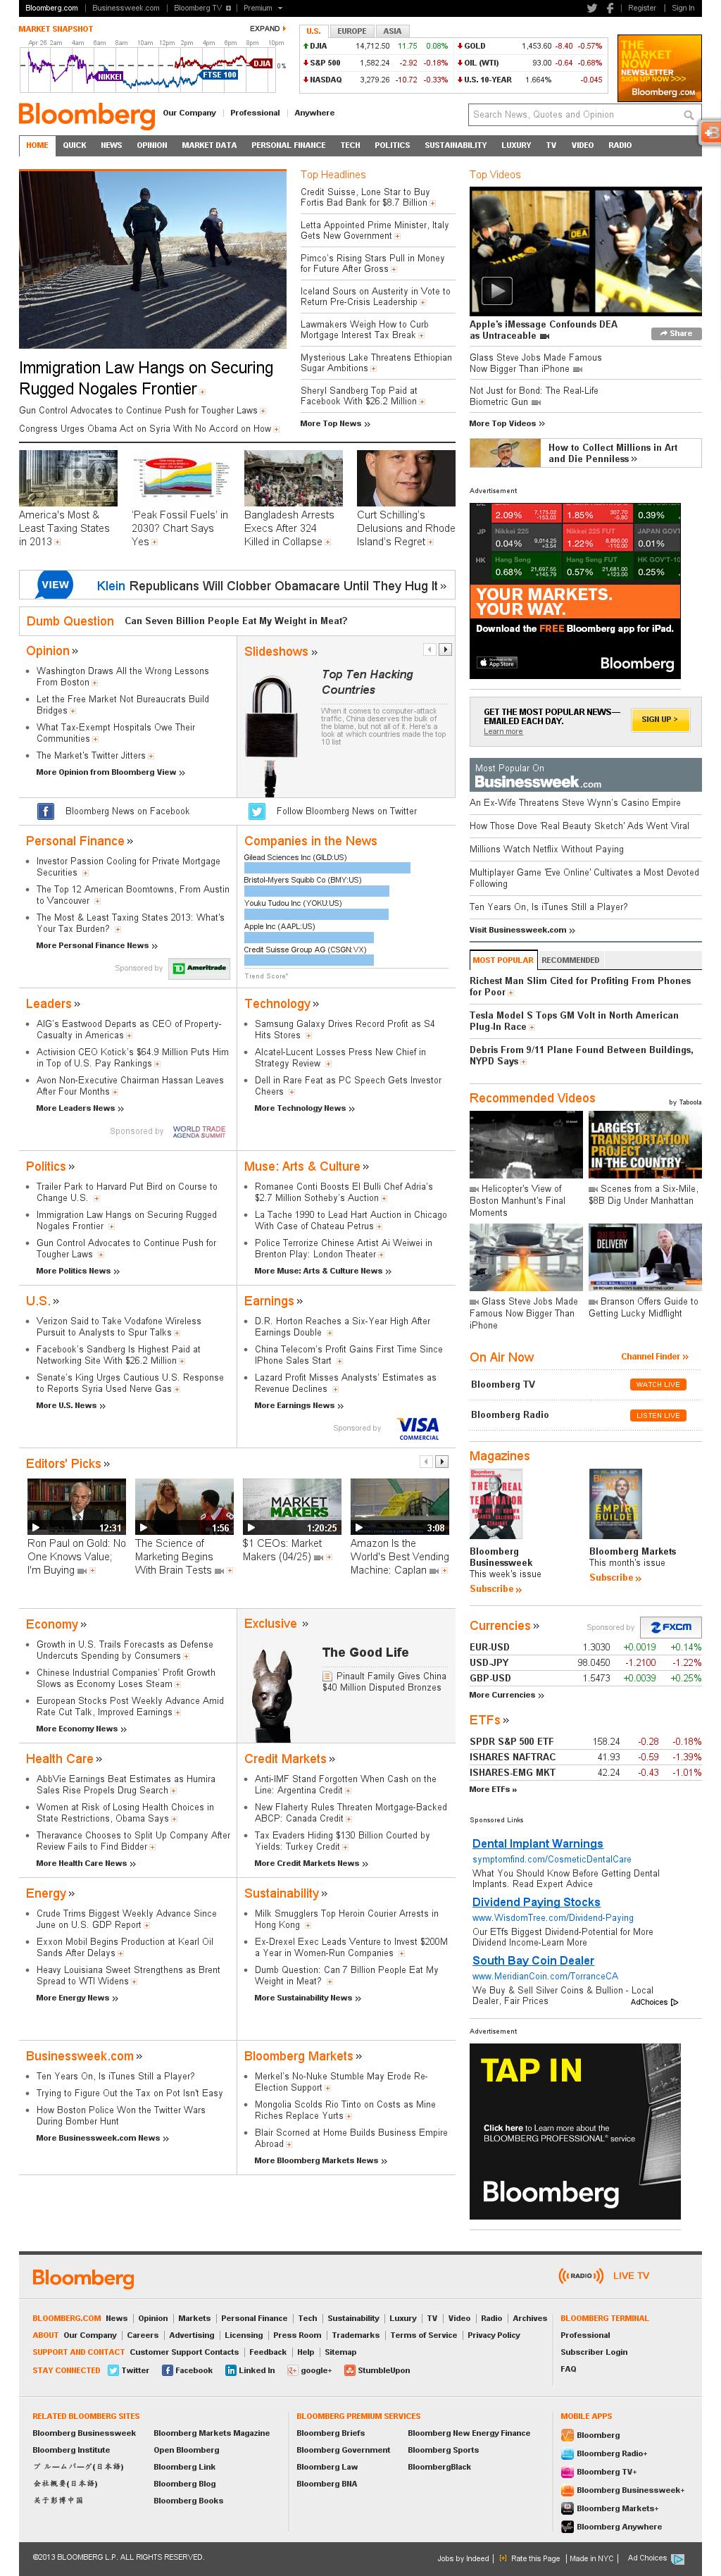 Bloomberg at Saturday April 27, 2013, 5:01 p.m. UTC